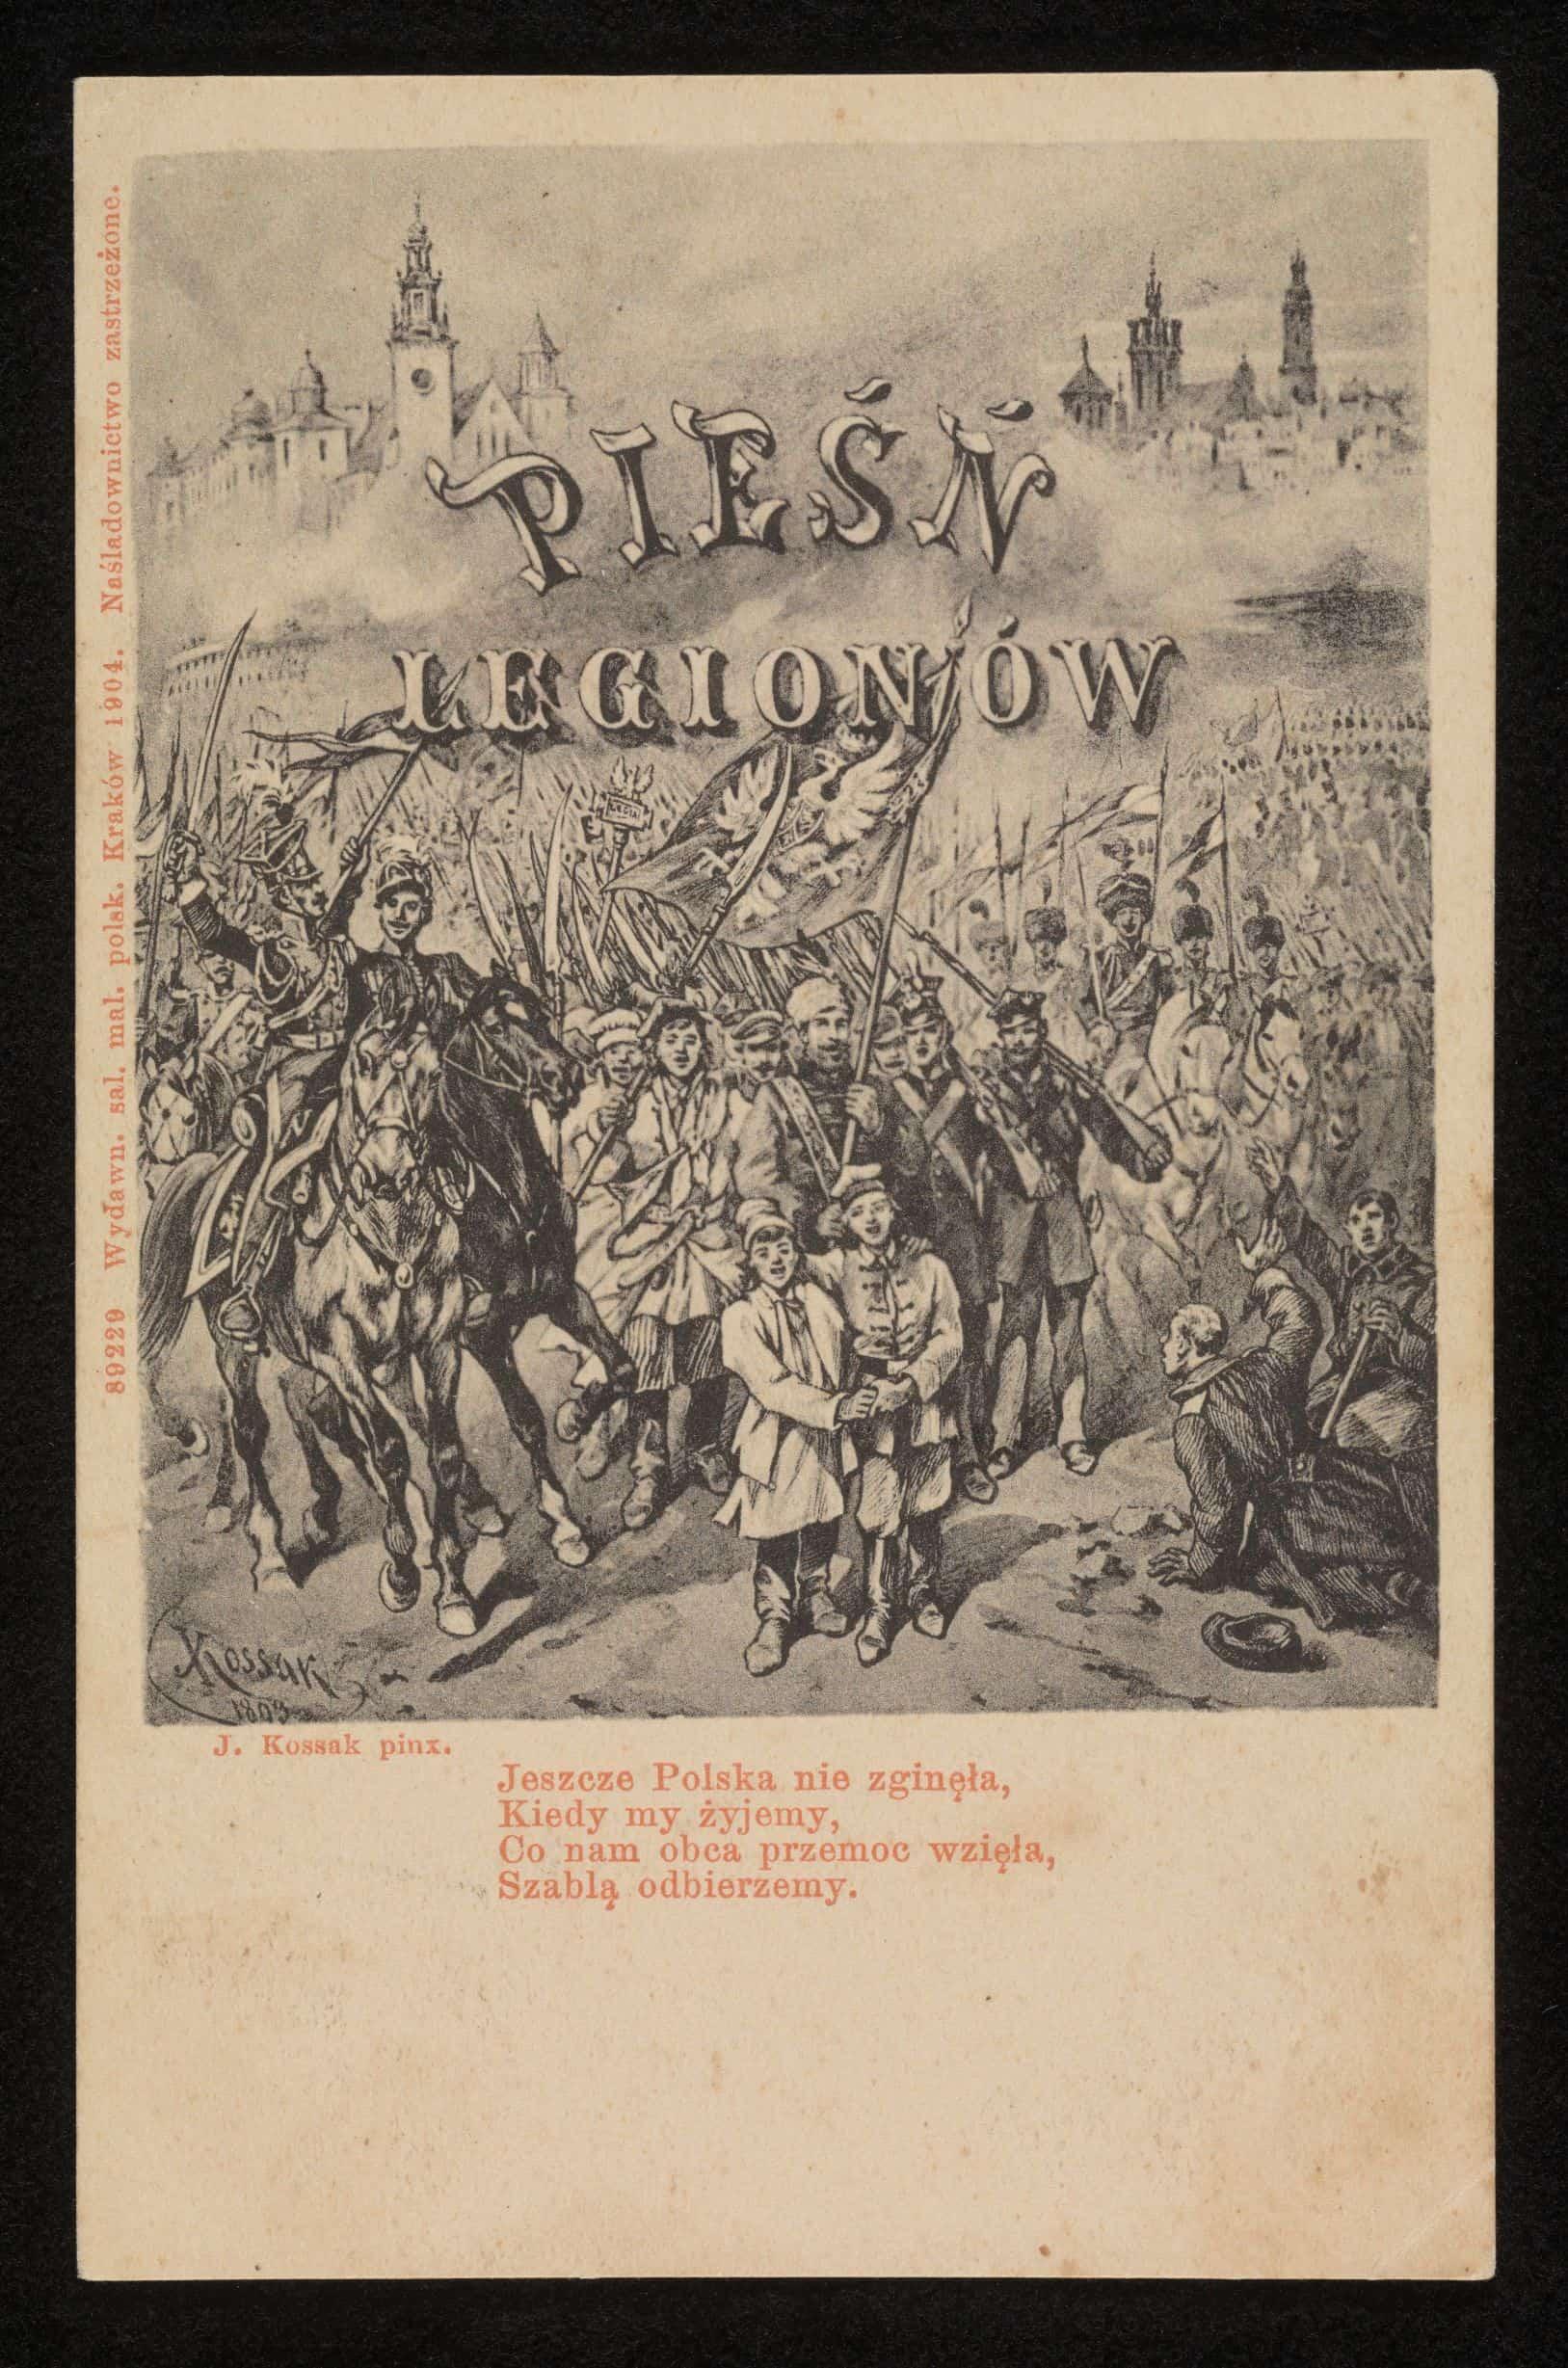 Pocztówka patriotyczna z cytatem z Mazurka Dąbrowskiego. Wydawca nieznany, XIX w. Źródło: Polona